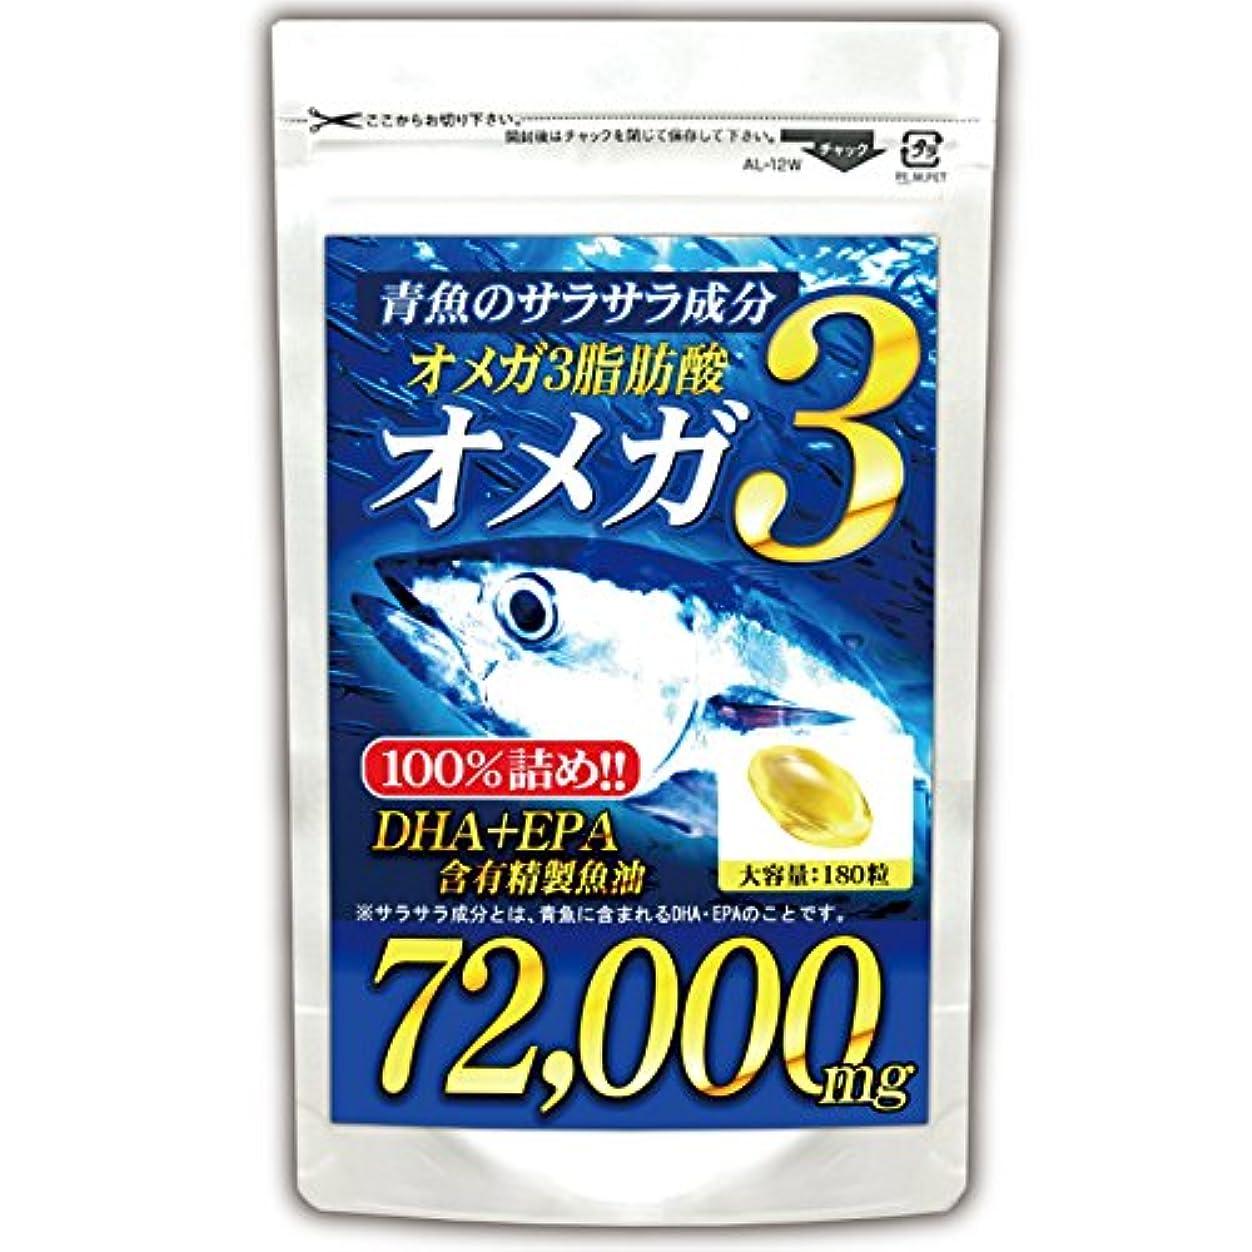 ボードマチュピチュ尽きる(大容量:約6ヵ月分/180粒)青魚de72,000